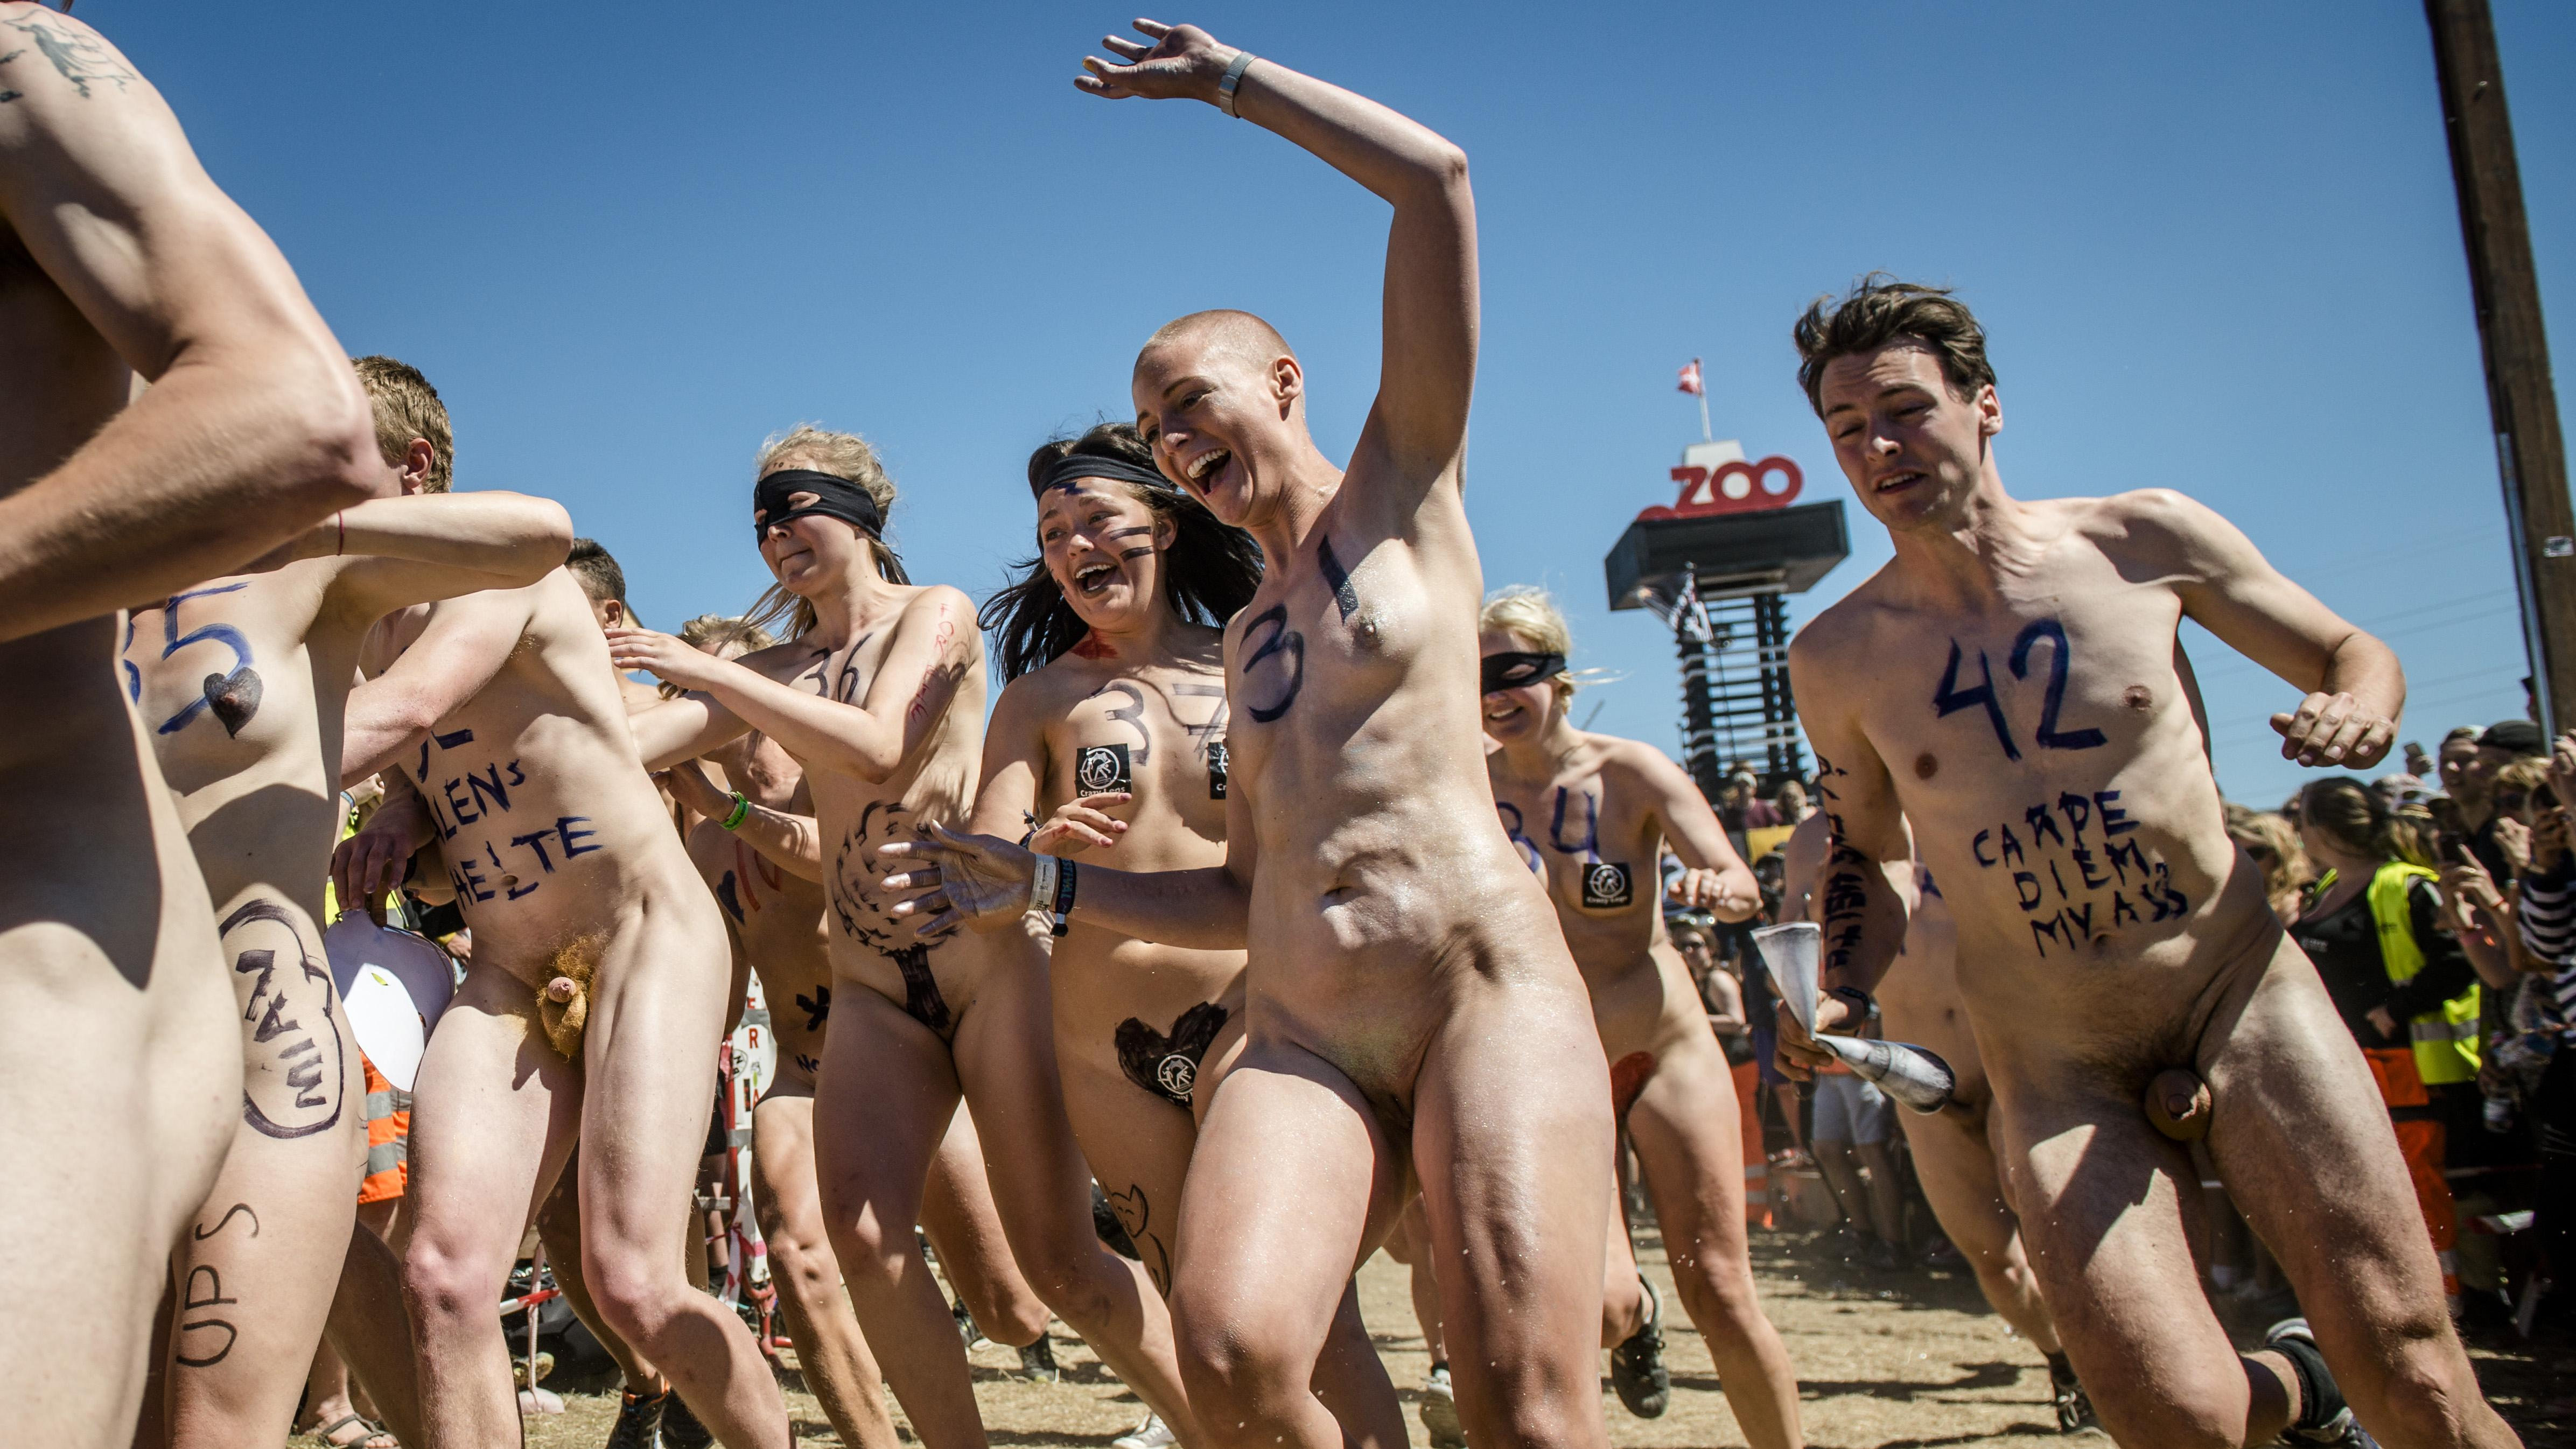 nøgenbadning sex herning